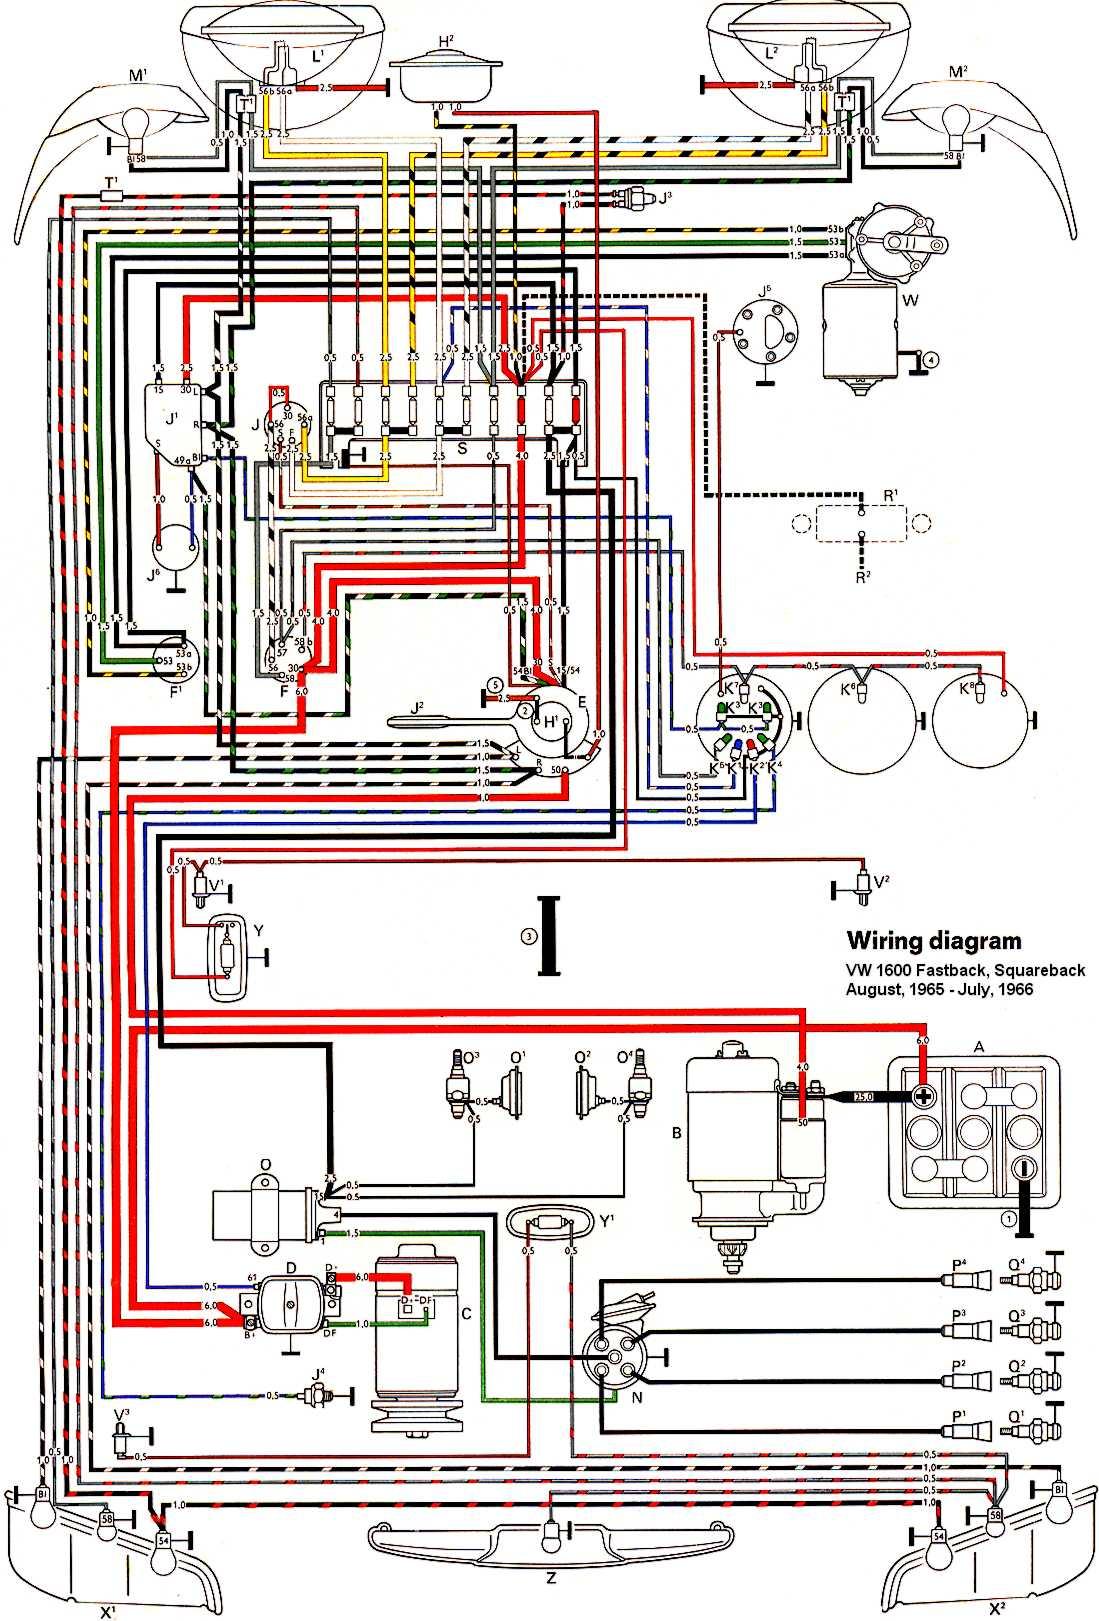 73 vw beetle wiring diagram